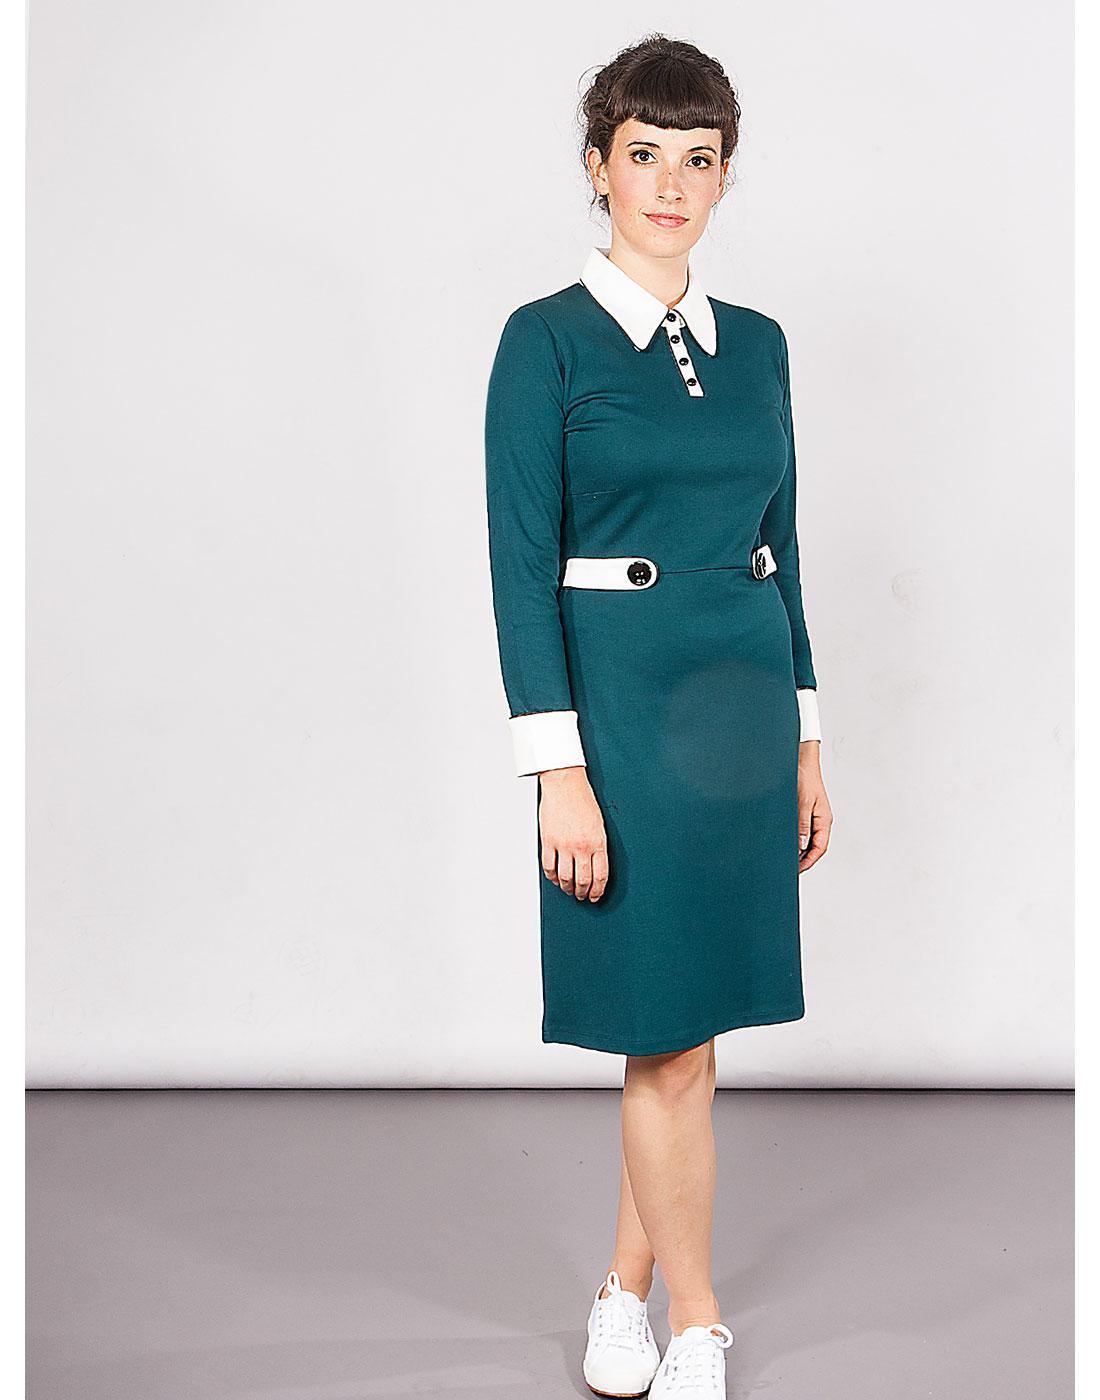 Nathalie MADEMOISELLE YEYE Sixties Mod Polo Dress